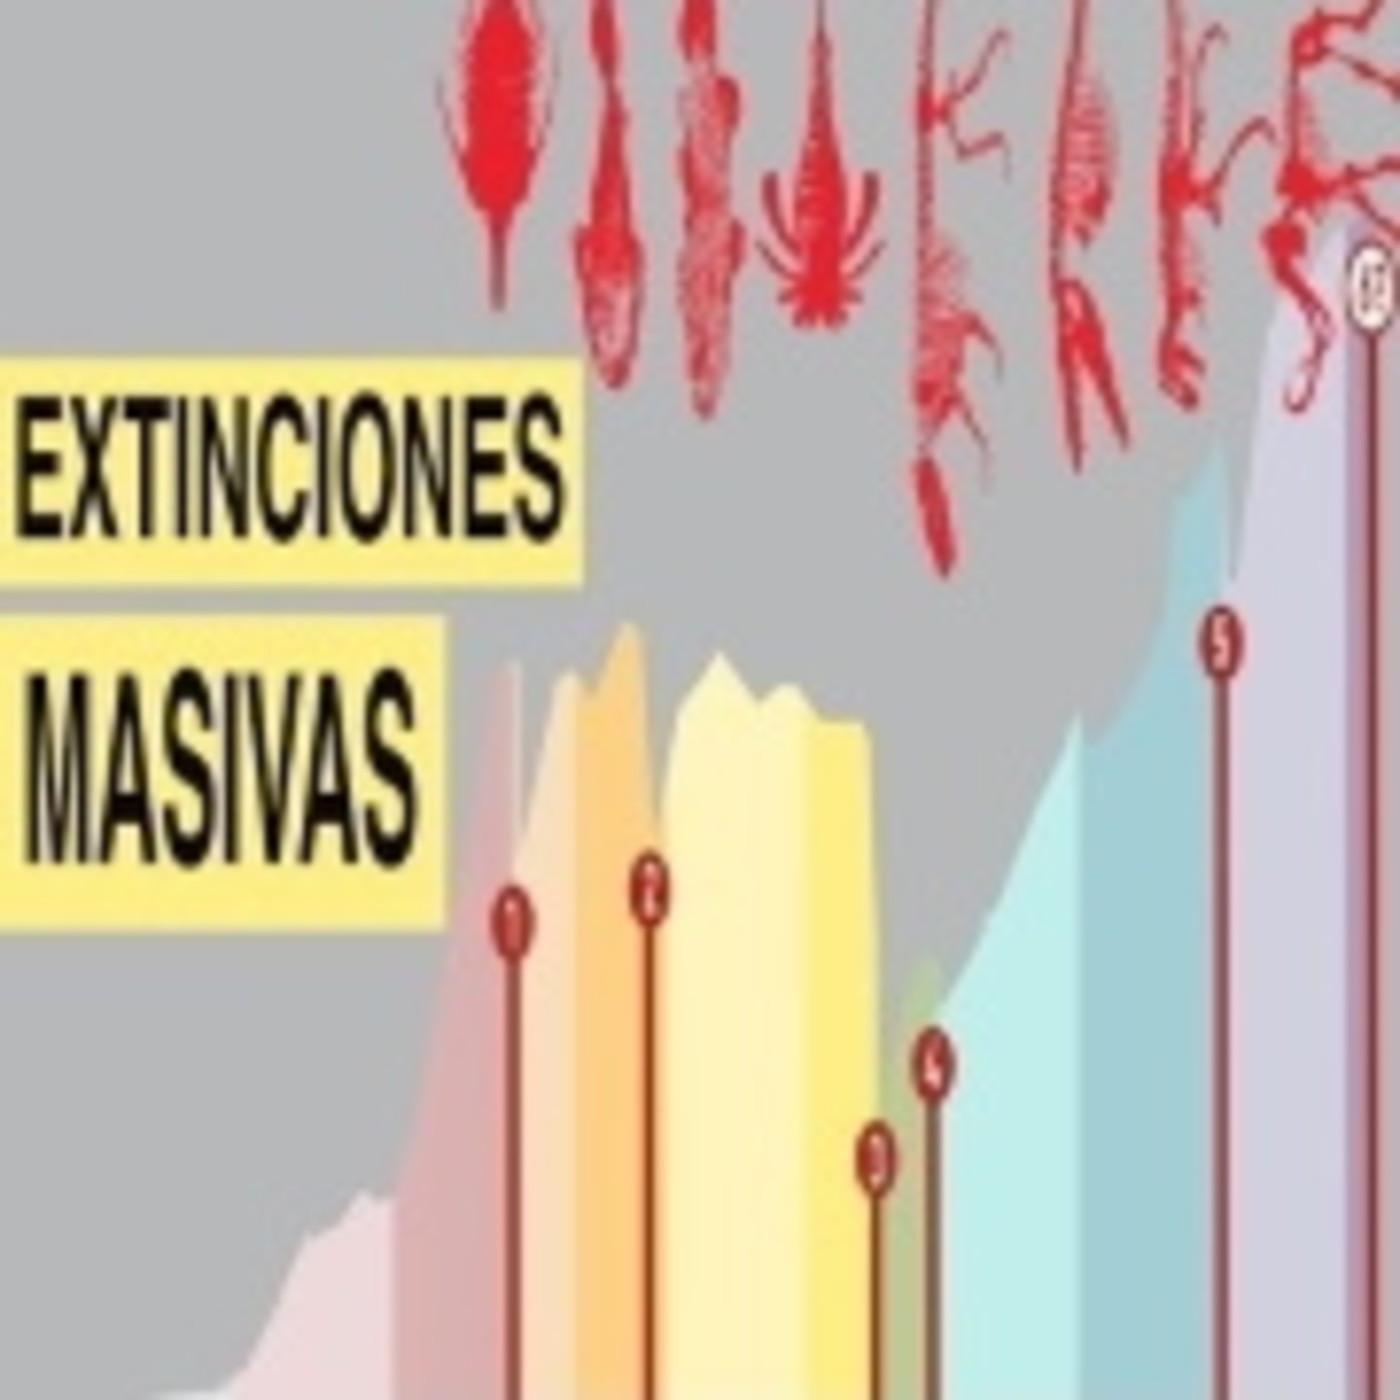 Extinciones Masivas (Resubida)